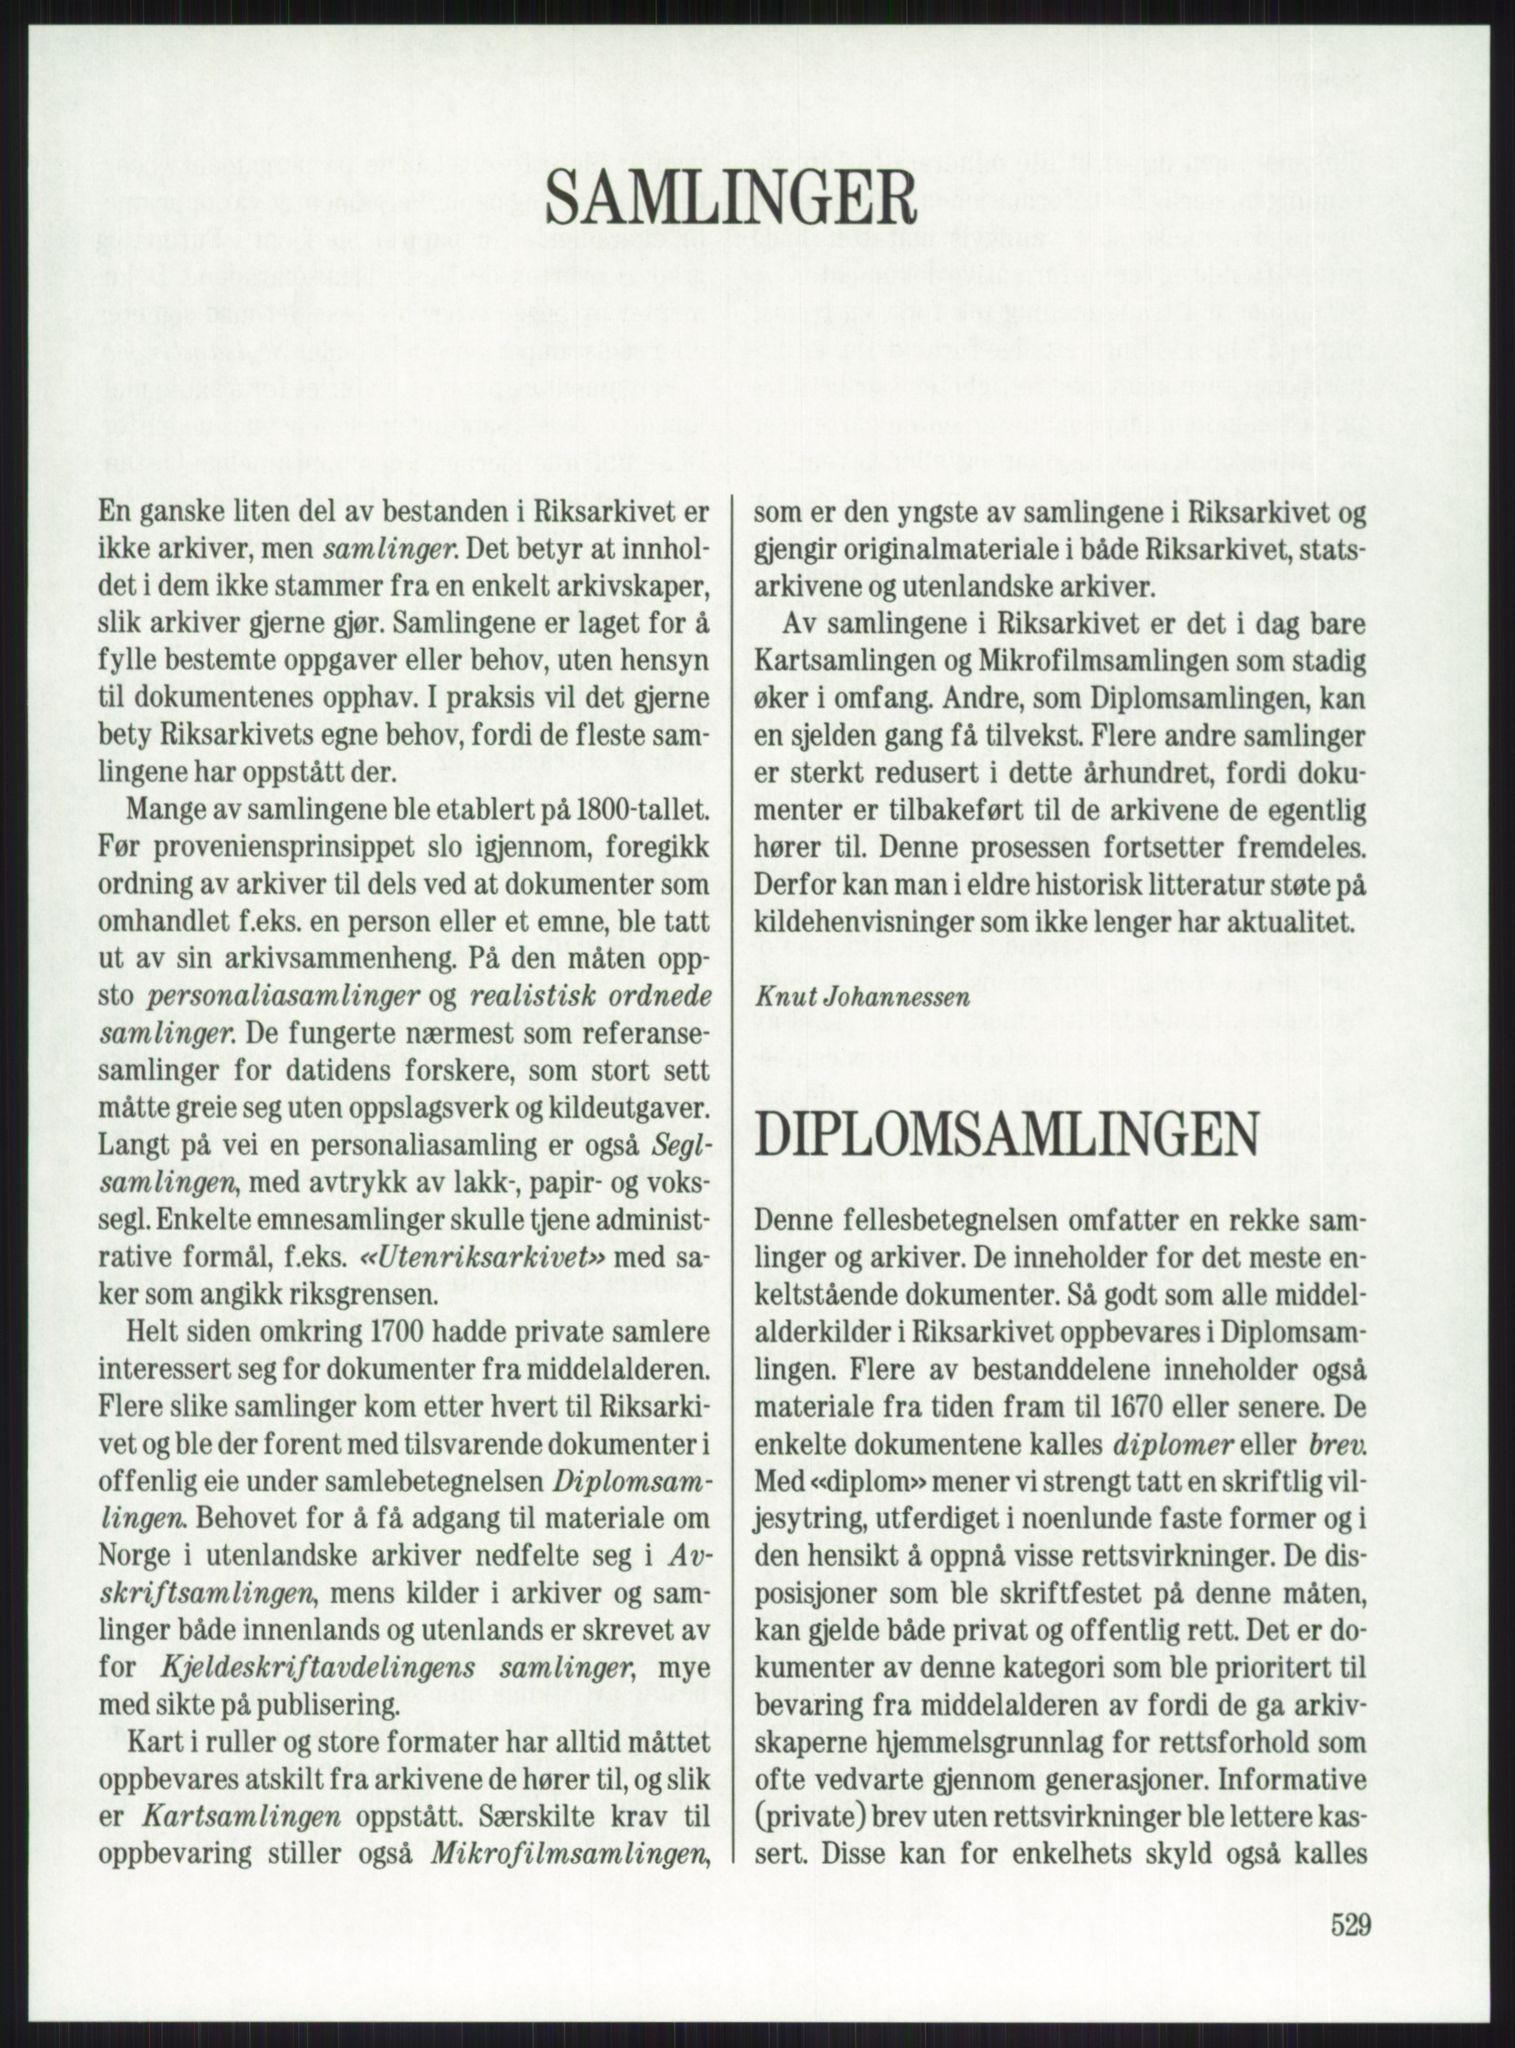 PUBL, Publikasjoner utgitt av Arkivverket, -/-: Knut Johannessen, Ole Kolsrud og Dag Mangset (red.): Håndbok for Riksarkivet (1992), s. 529